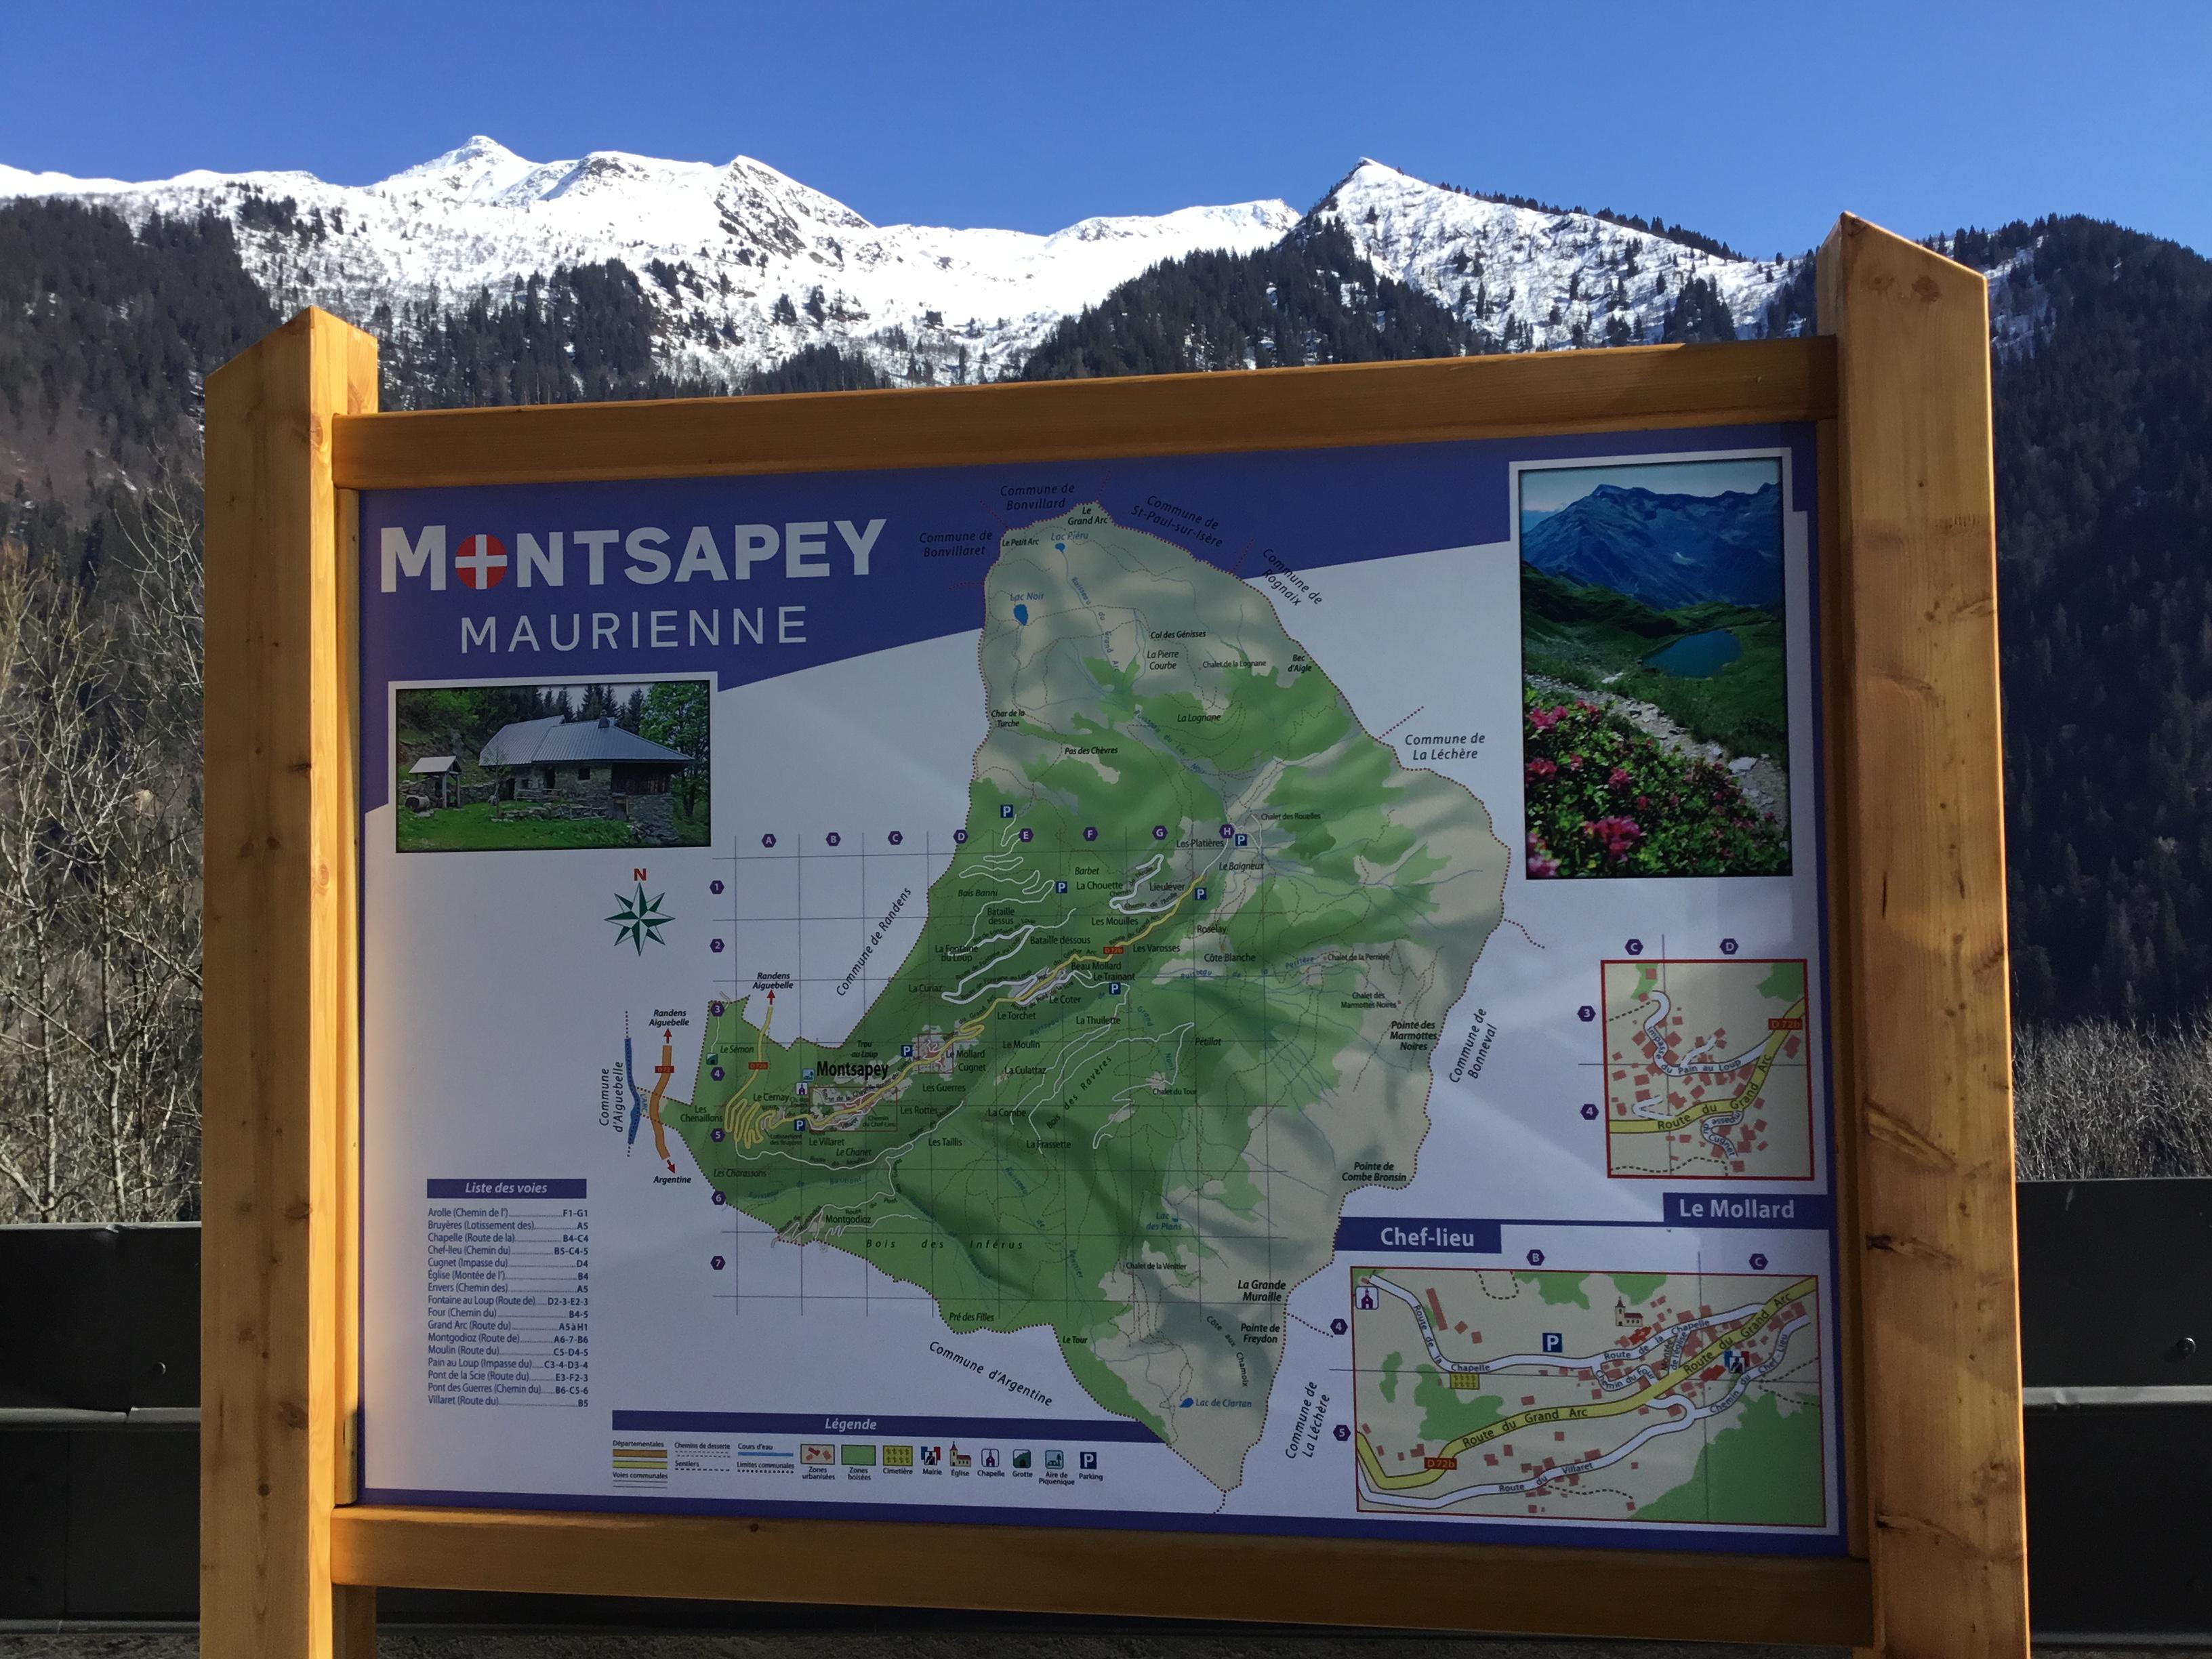 Image accueil de la page Adressage – Pose du nouveau plan du village au Chef Lieu du site Montsapey